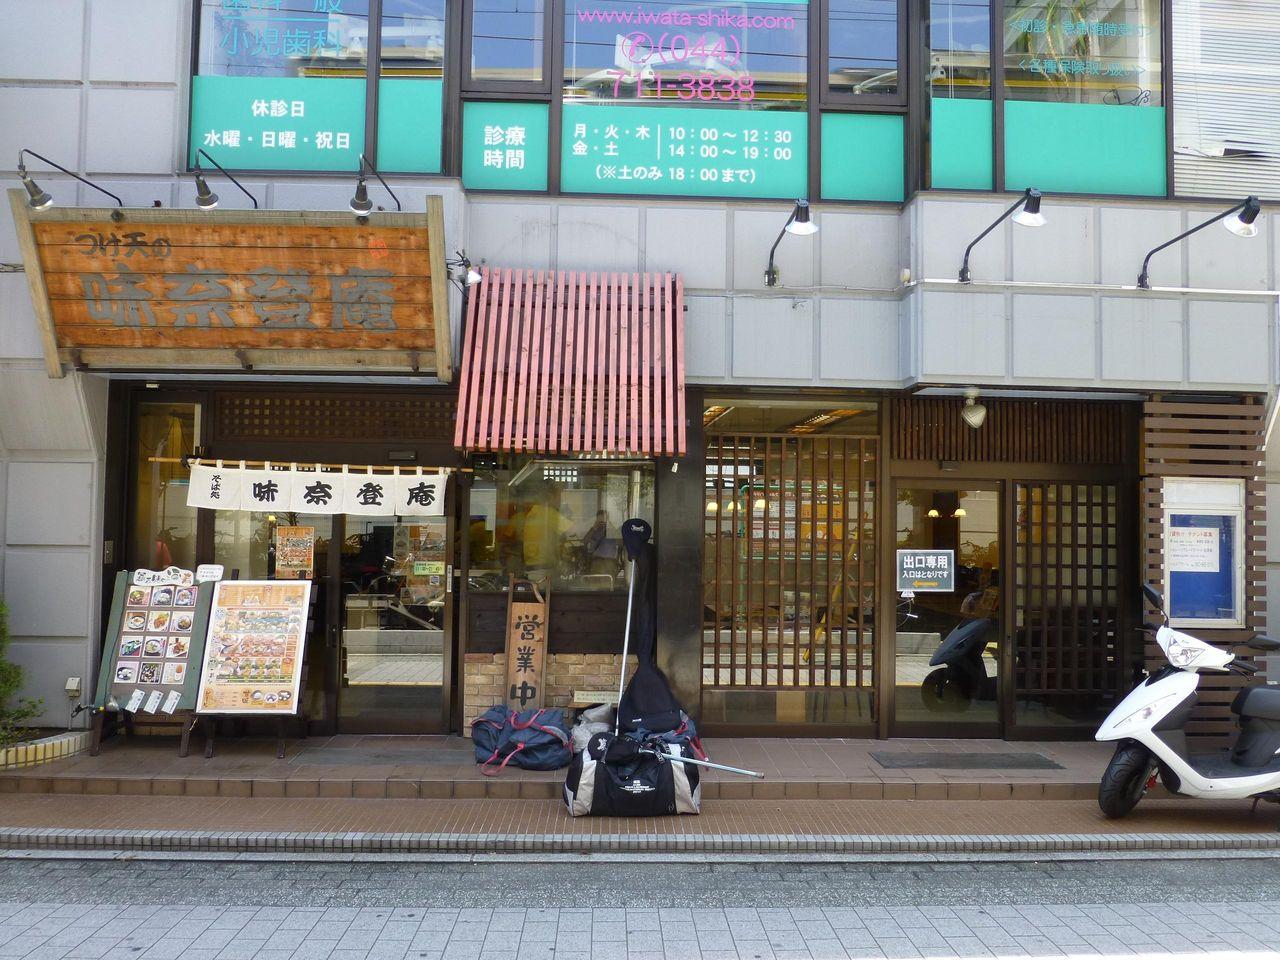 右隣の店舗も味奈登庵の客席に変わりました!